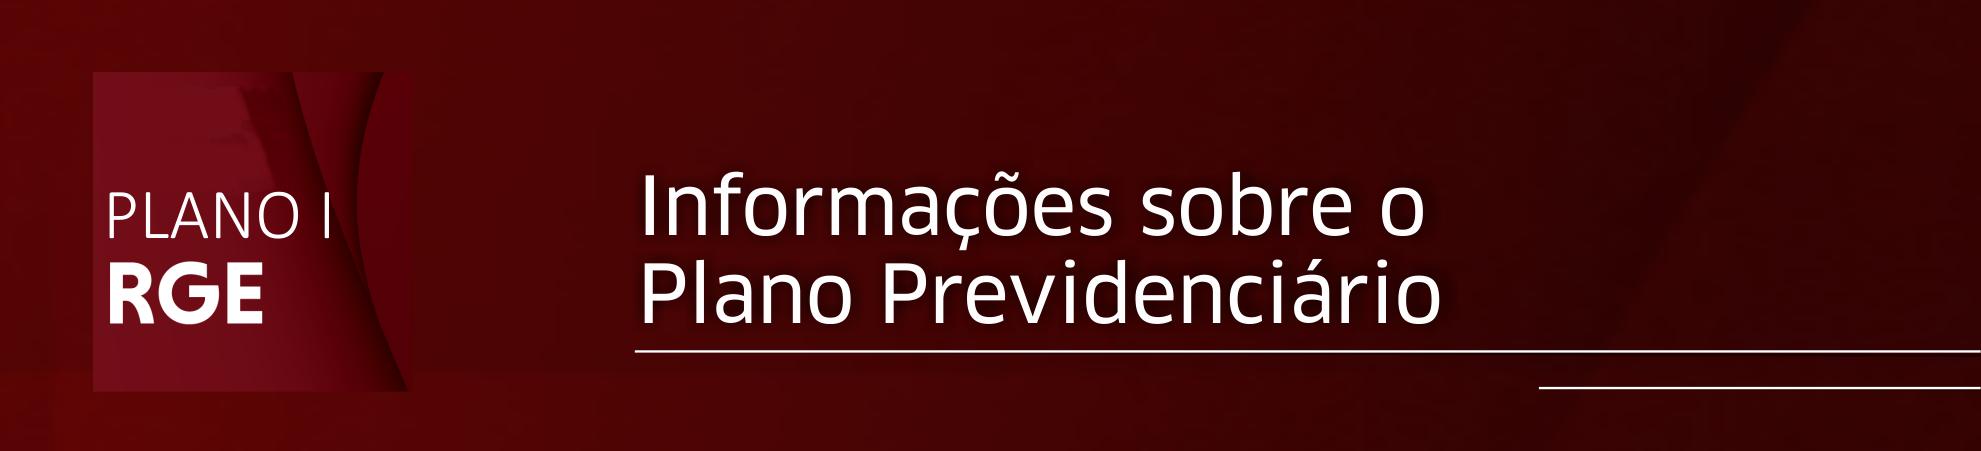 cabecalho_informacoes_planos_p1_rge